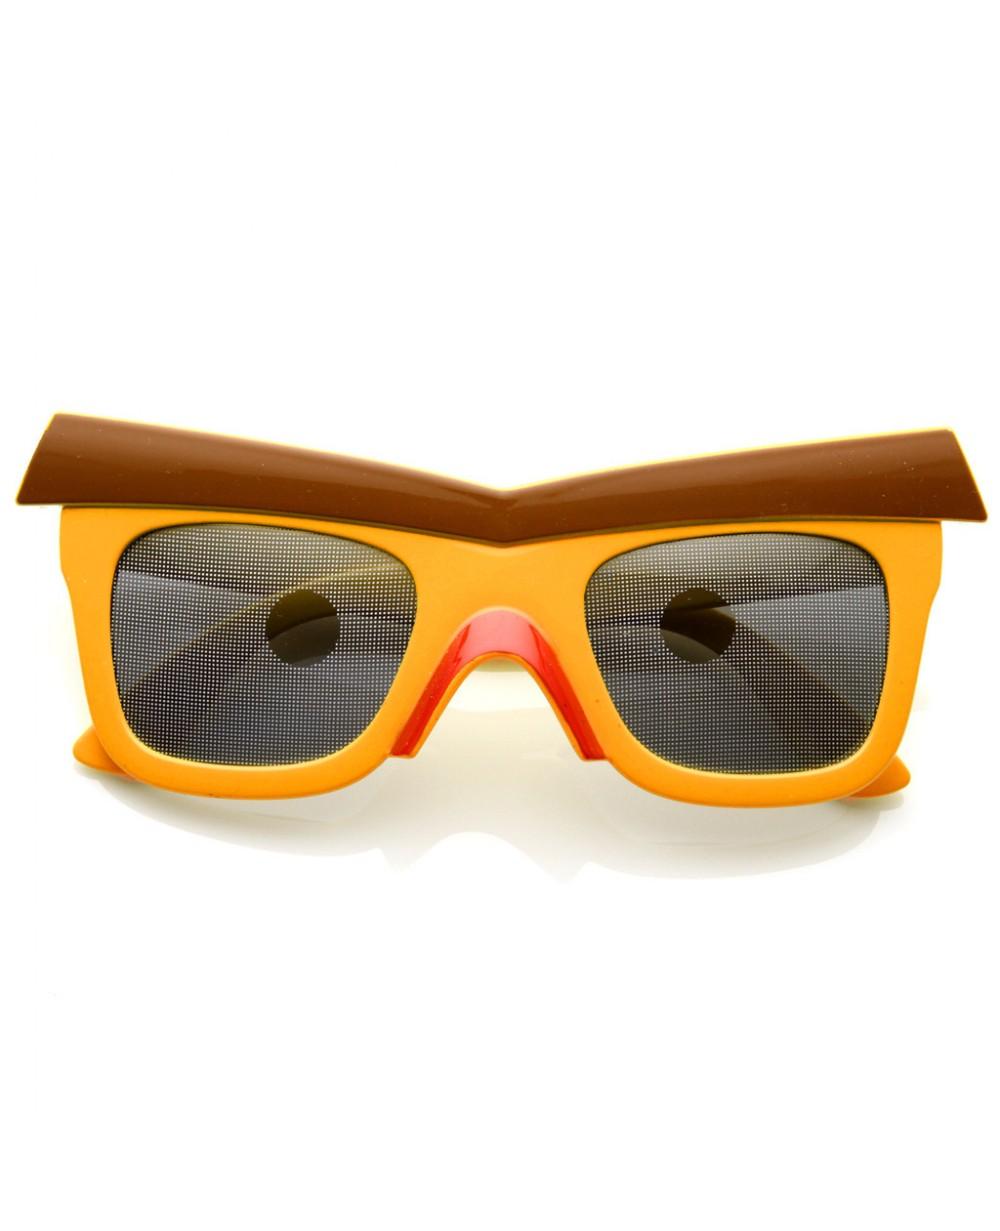 Beak-Sunglasses3 12 Unusual Sunglasses trends in 2021